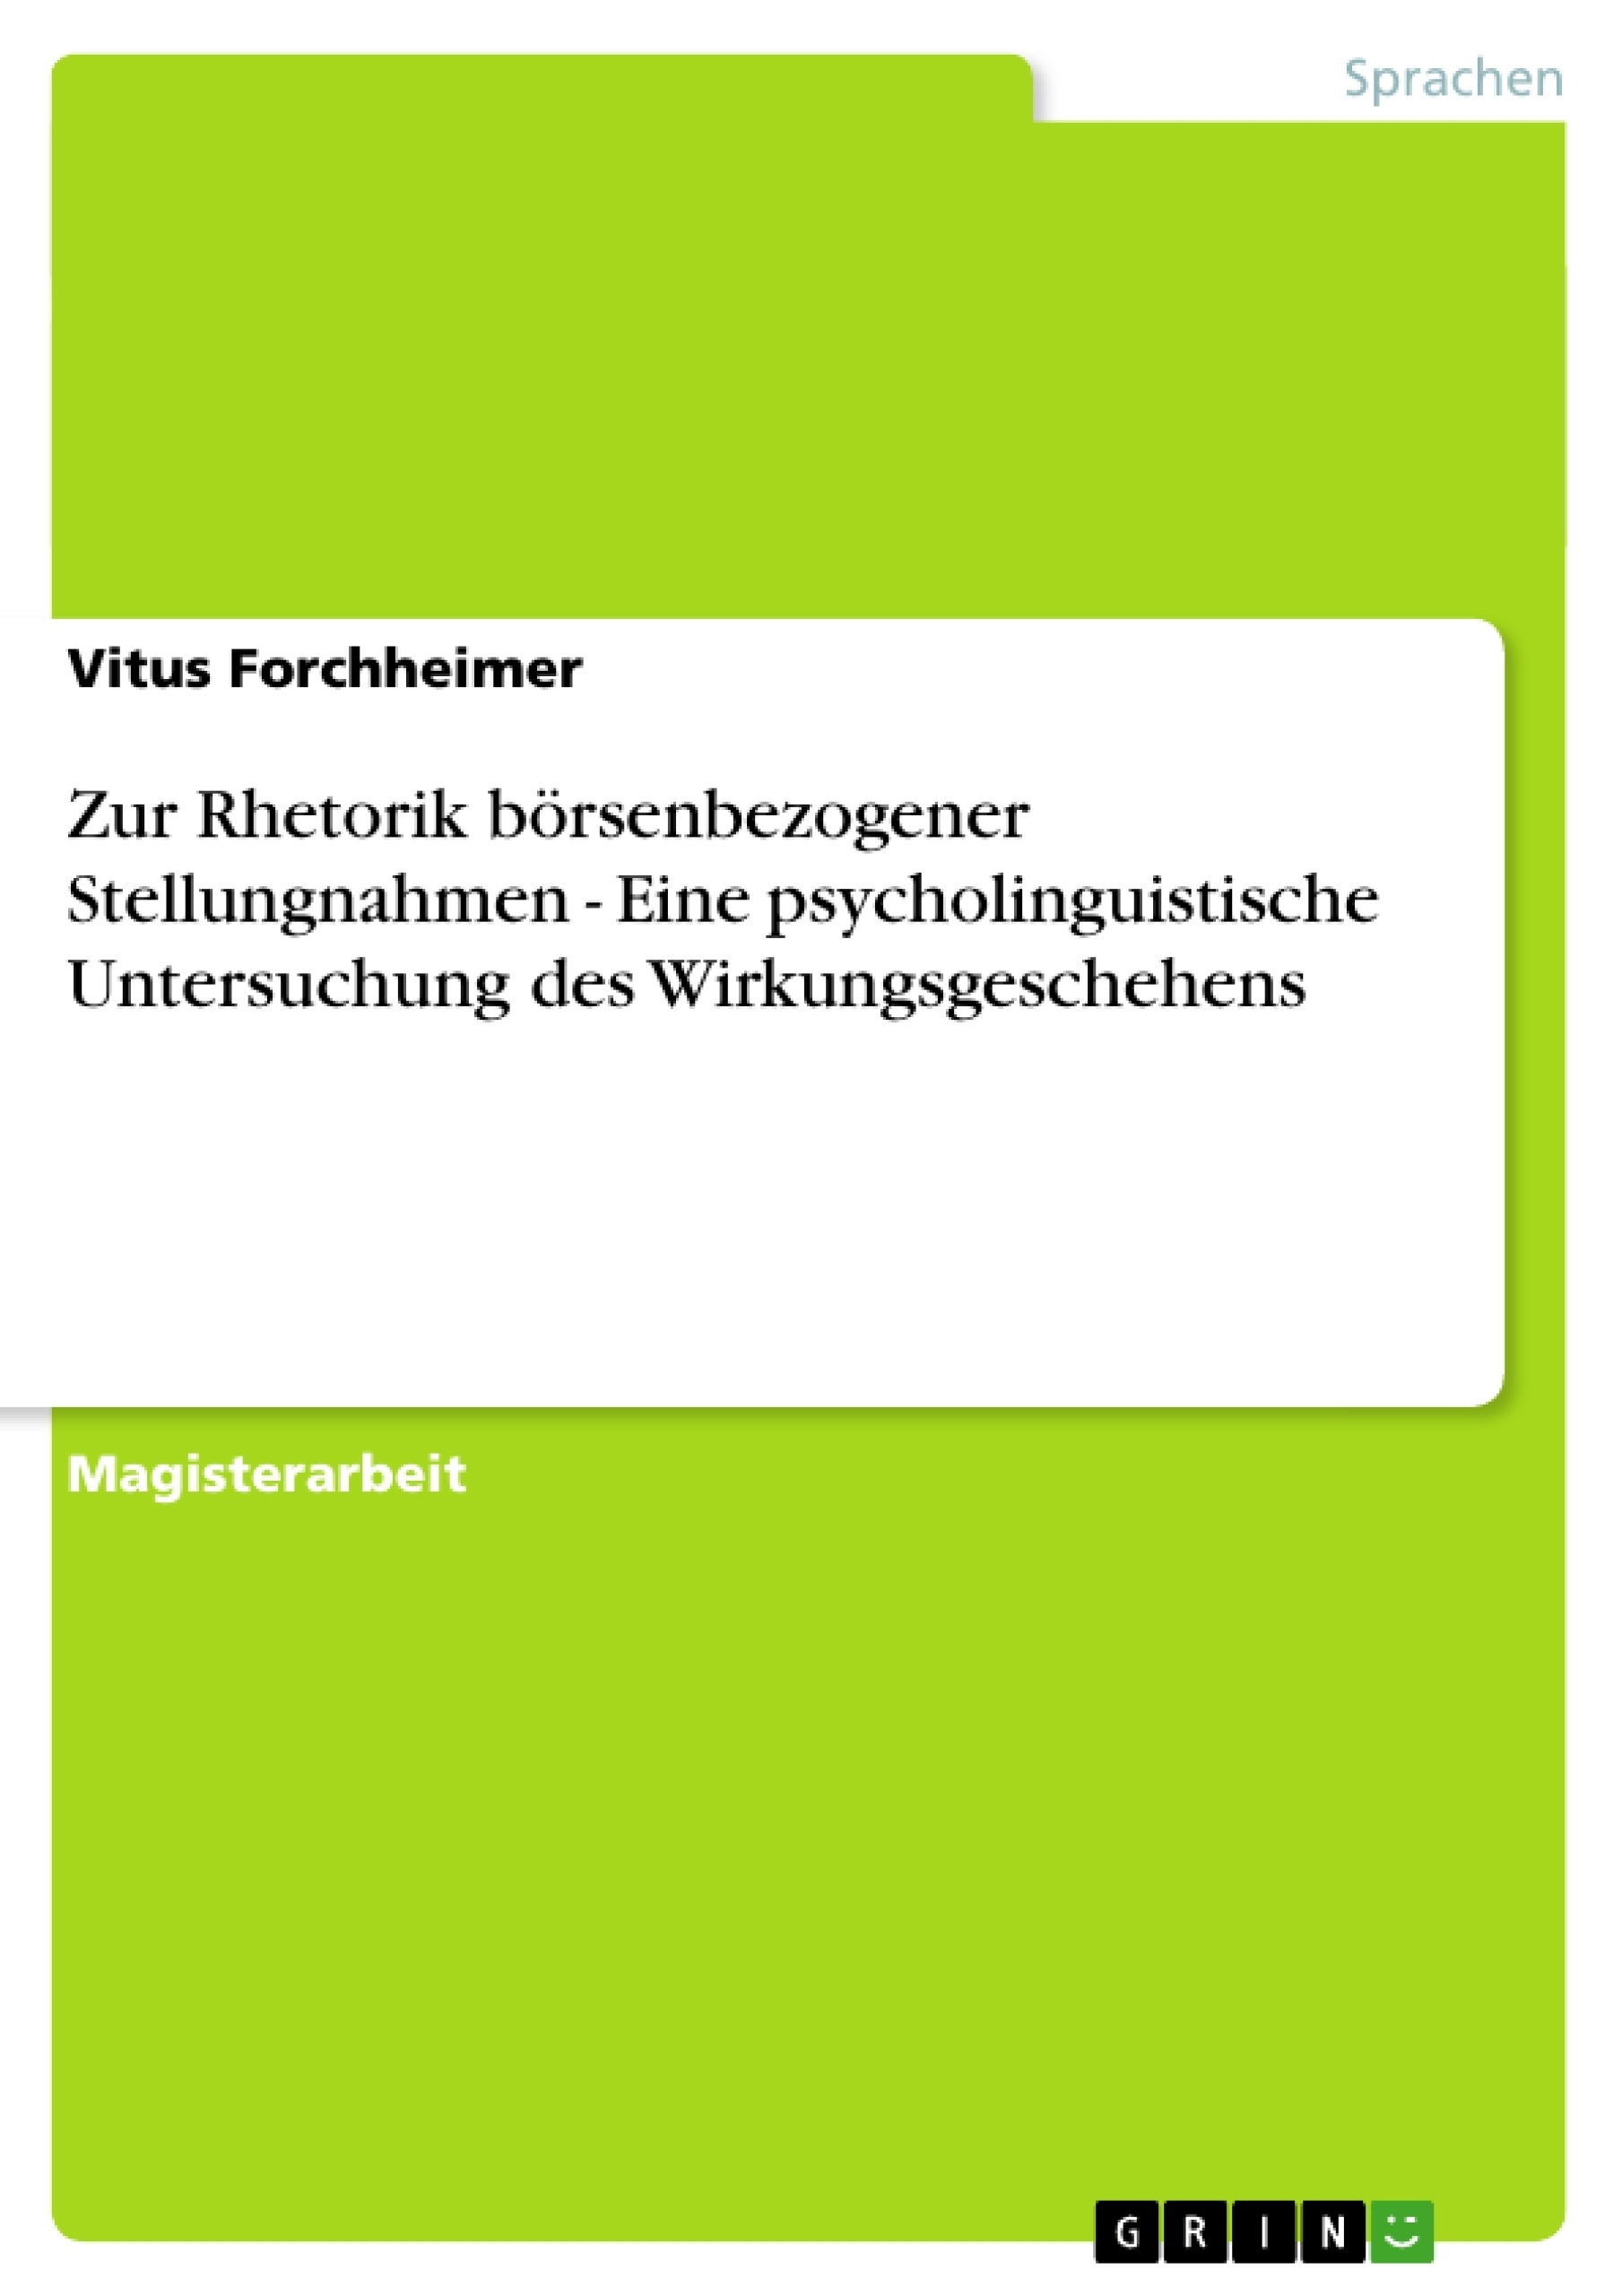 Titel: Zur Rhetorik börsenbezogener Stellungnahmen - Eine psycholinguistische Untersuchung des Wirkungsgeschehens